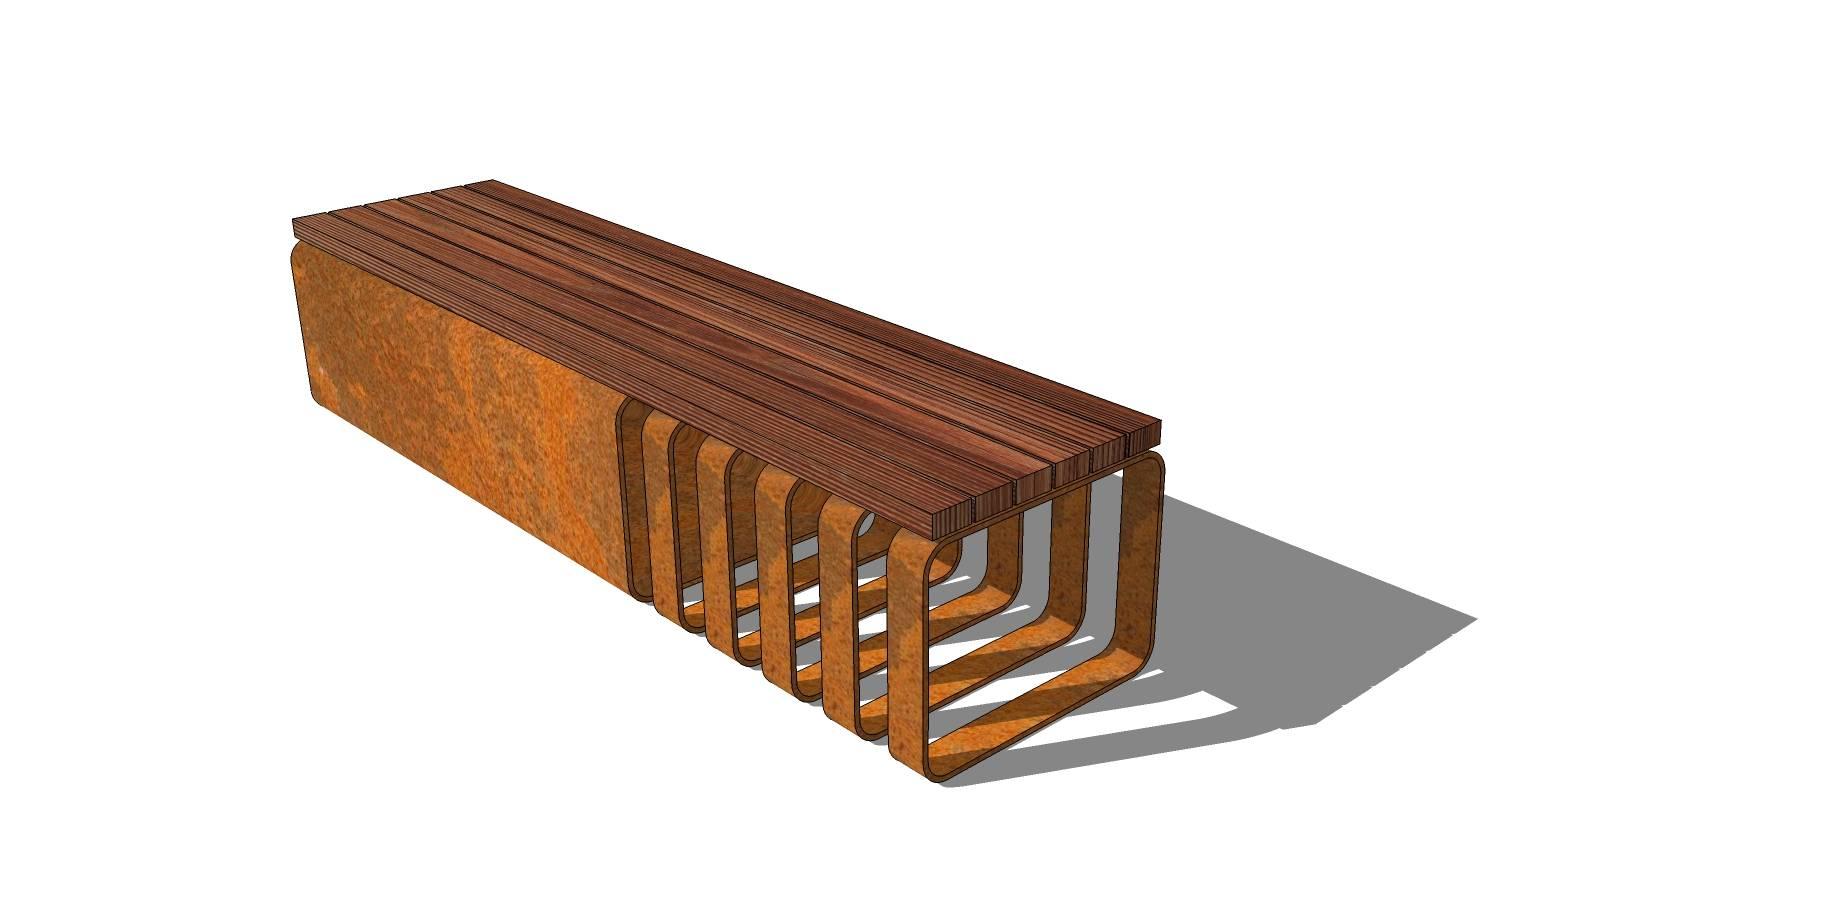 木质镂空长凳sketchup模型素材